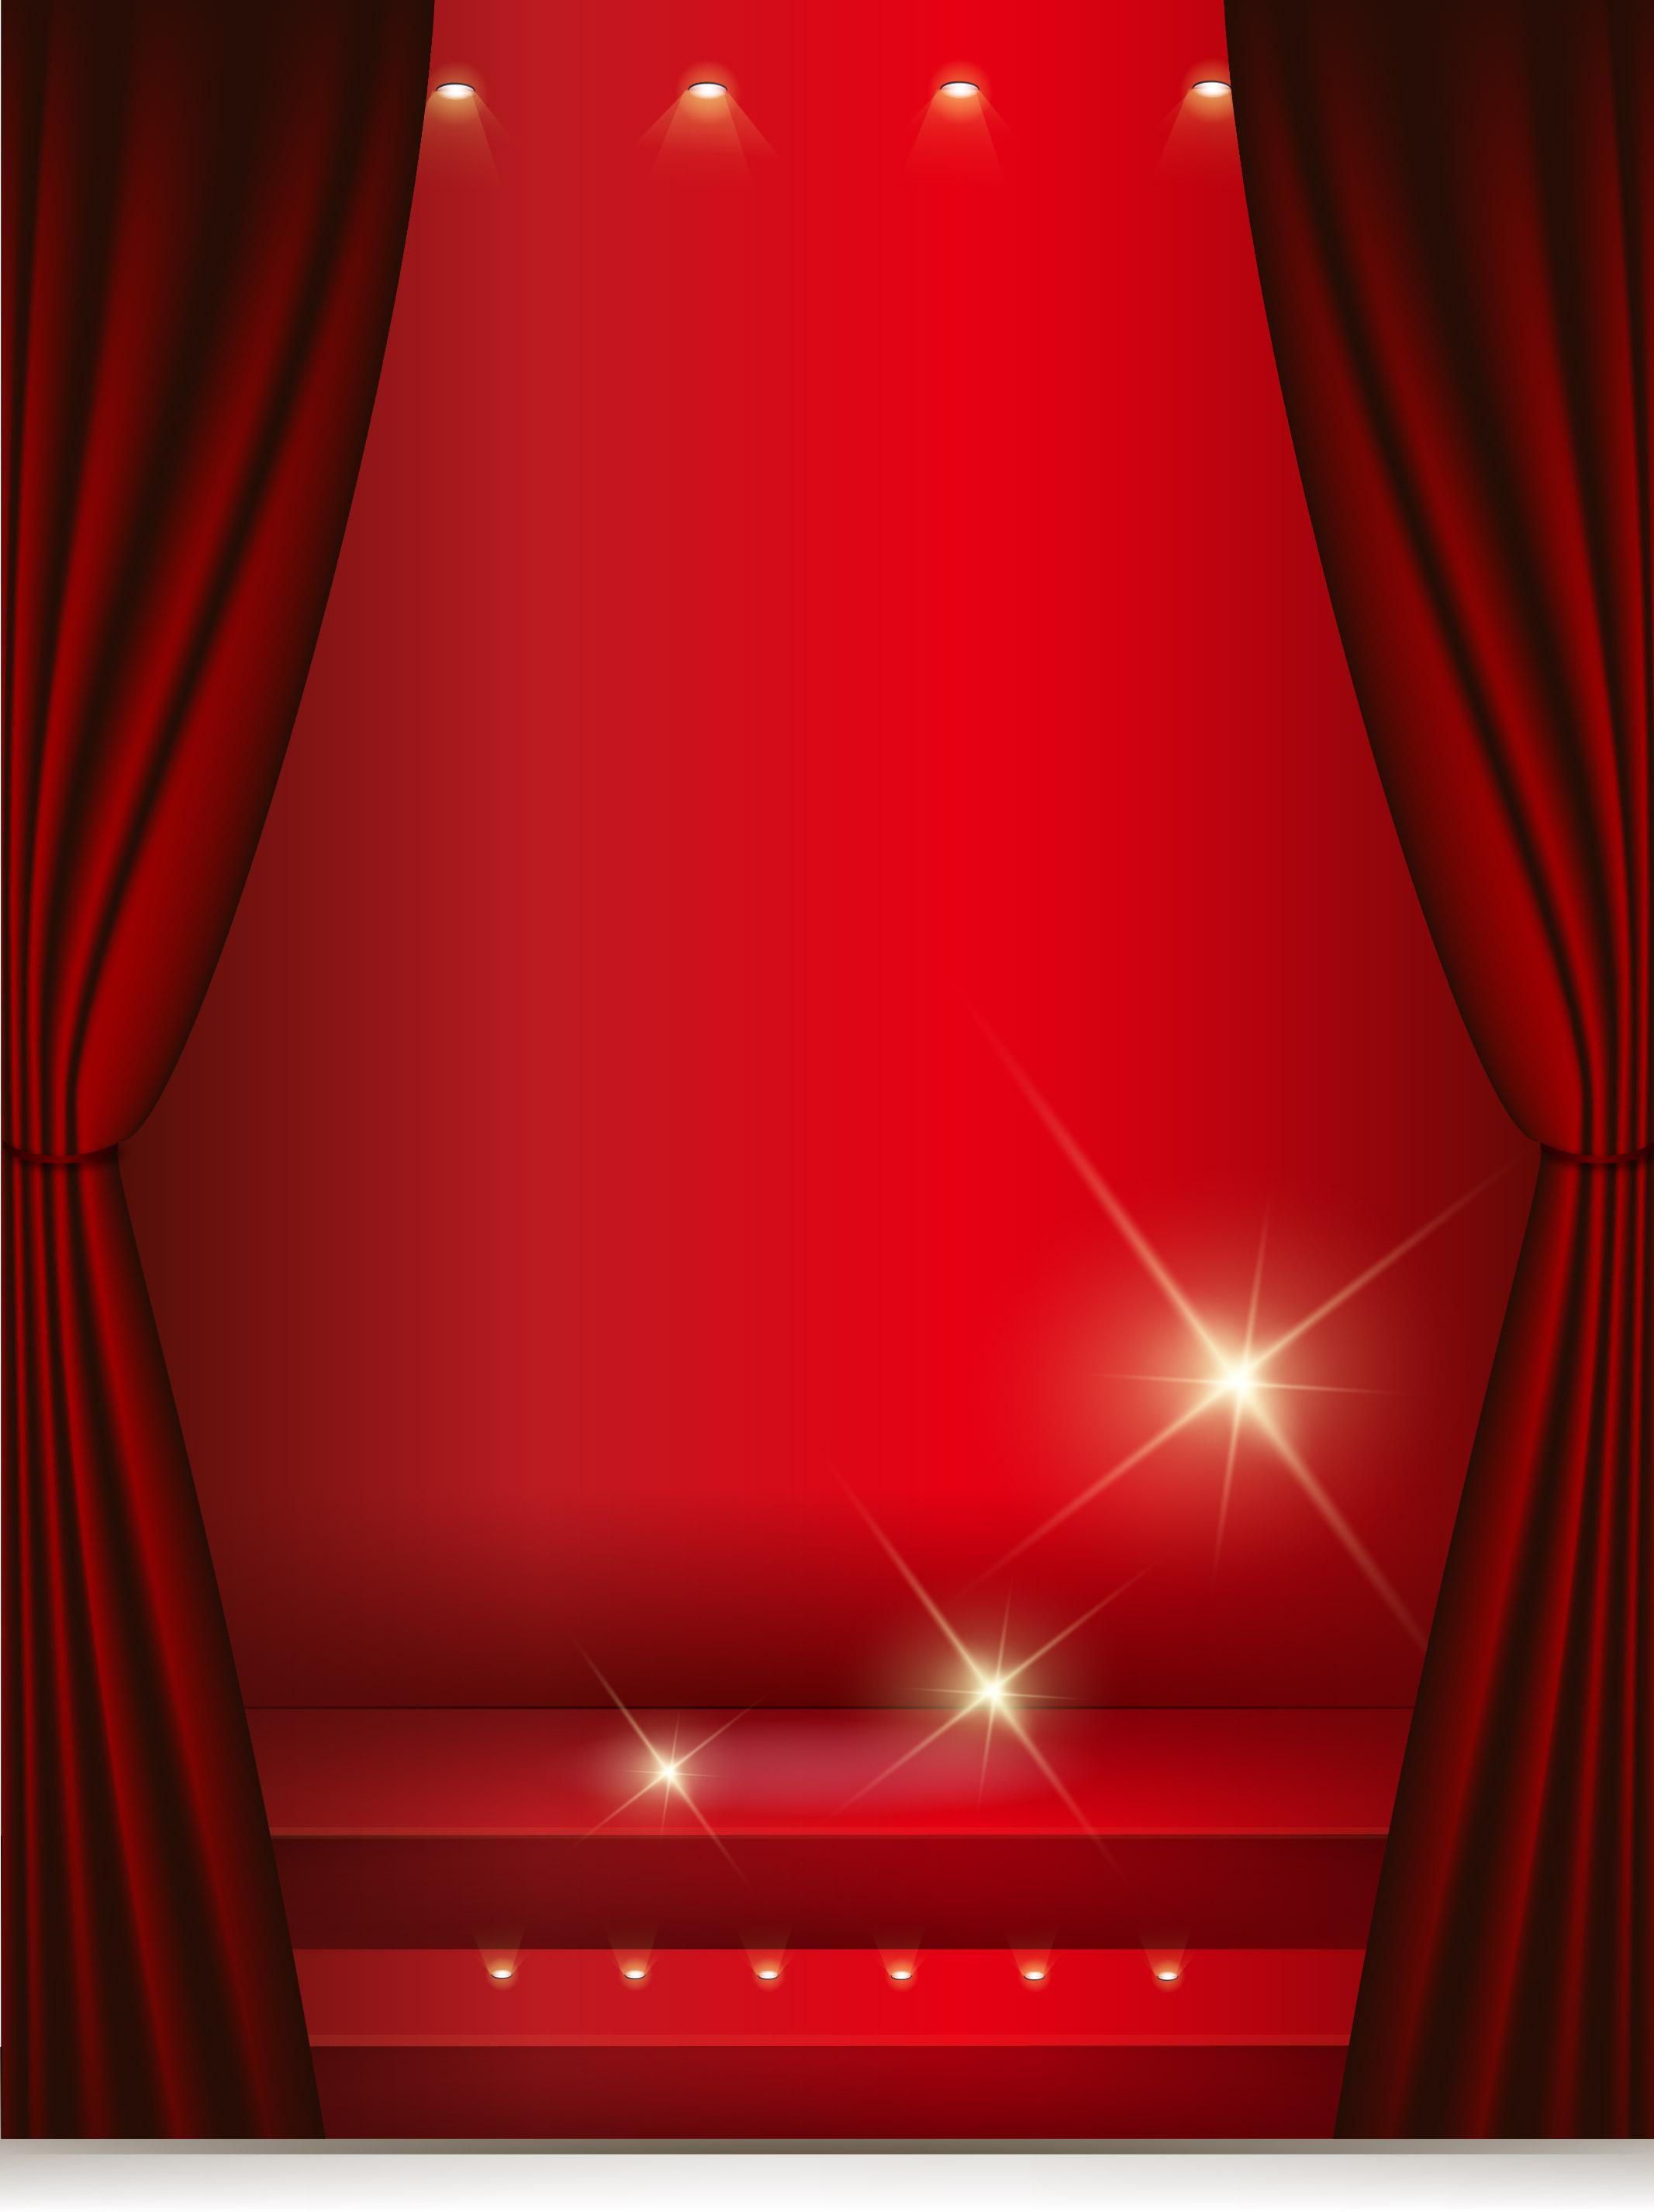 rojo de fondo hd escenario rojo hd fondo rojo imagen de